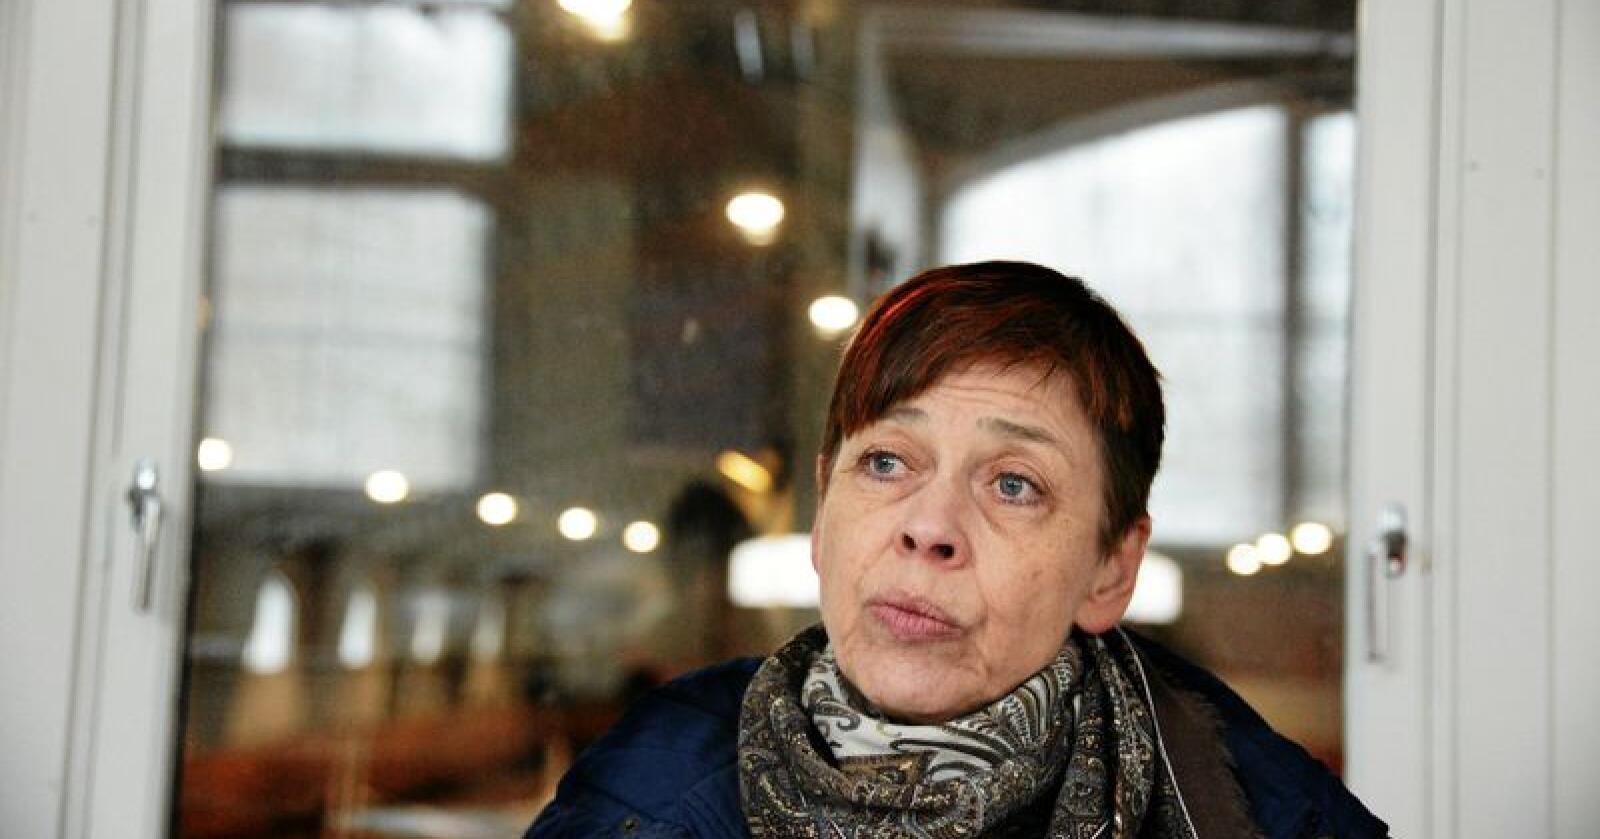 Seksjonssjefen for dyrevelferd i Mattilsynet, Torunn Knævelsrud, er urolig for dyrevelferden for sau og rein på utmarksbeite. Foto: Siri Juell Rasmussen